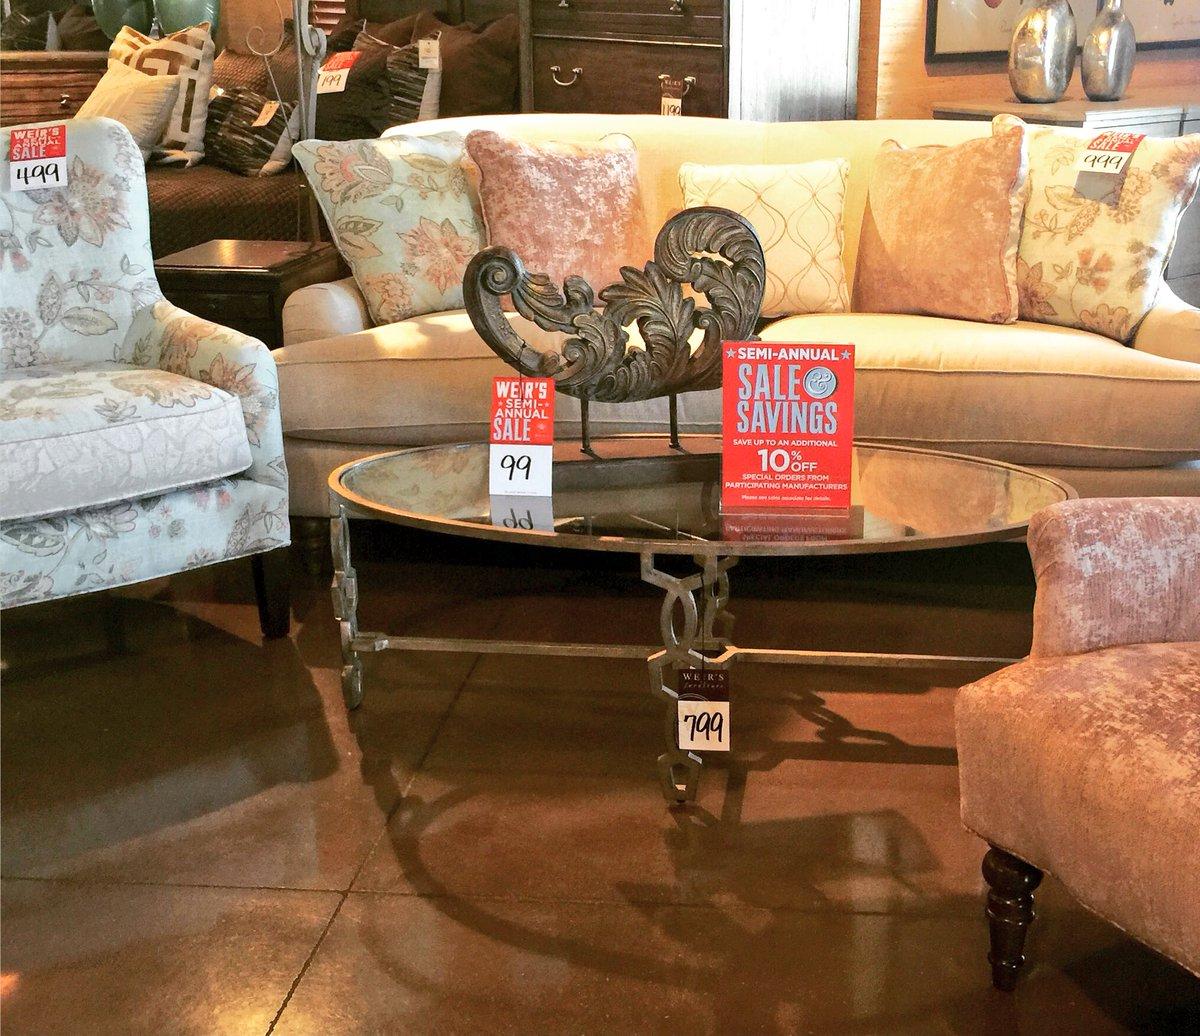 Weir 39 S Furniture Weirsfurniture Twitter